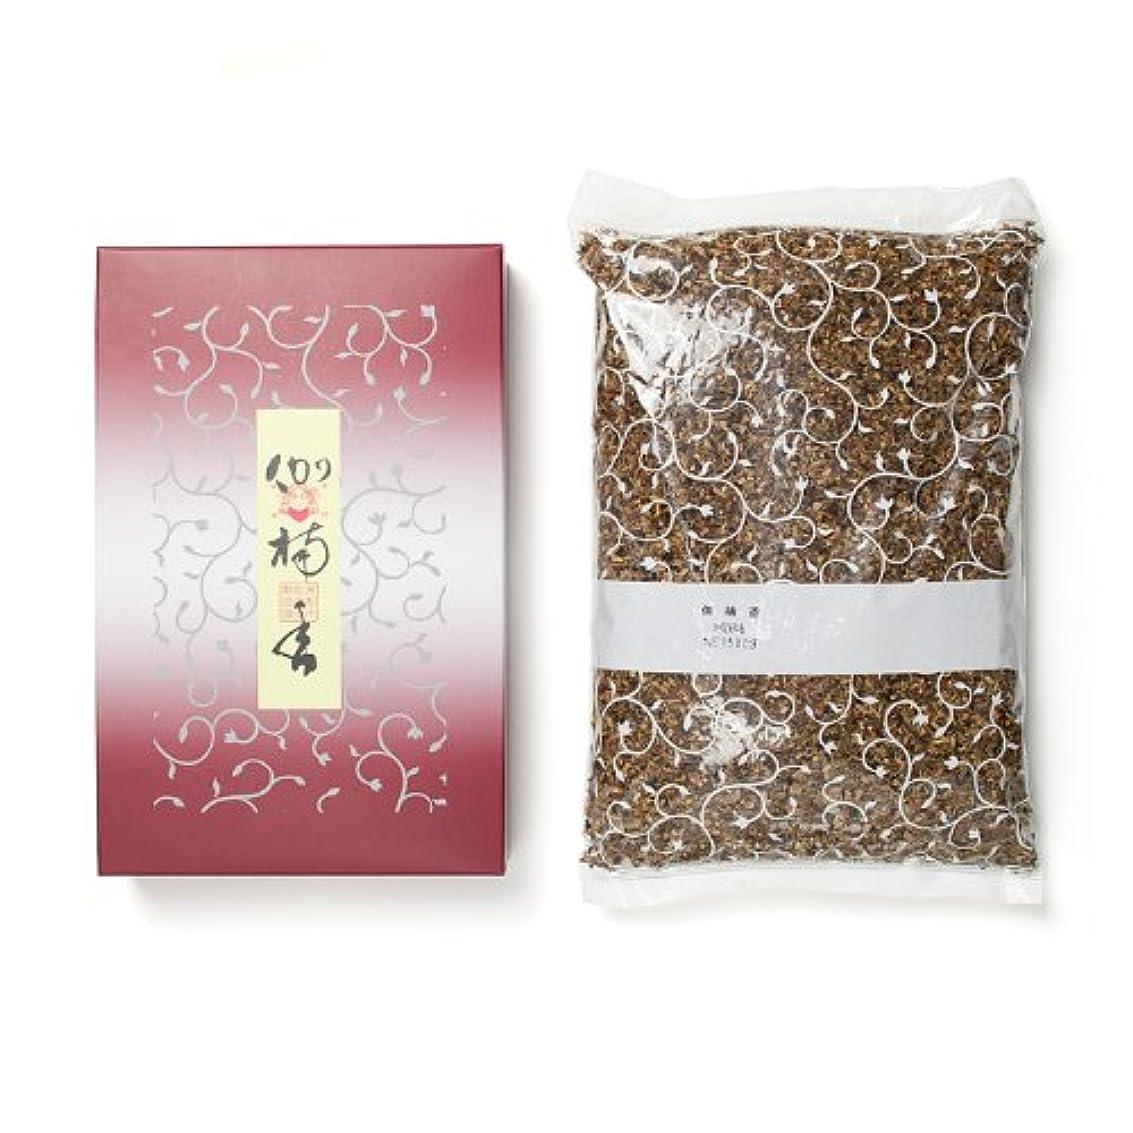 ミット狂気該当する松栄堂のお焼香 伽楠香 500g詰 紙箱入 #410611